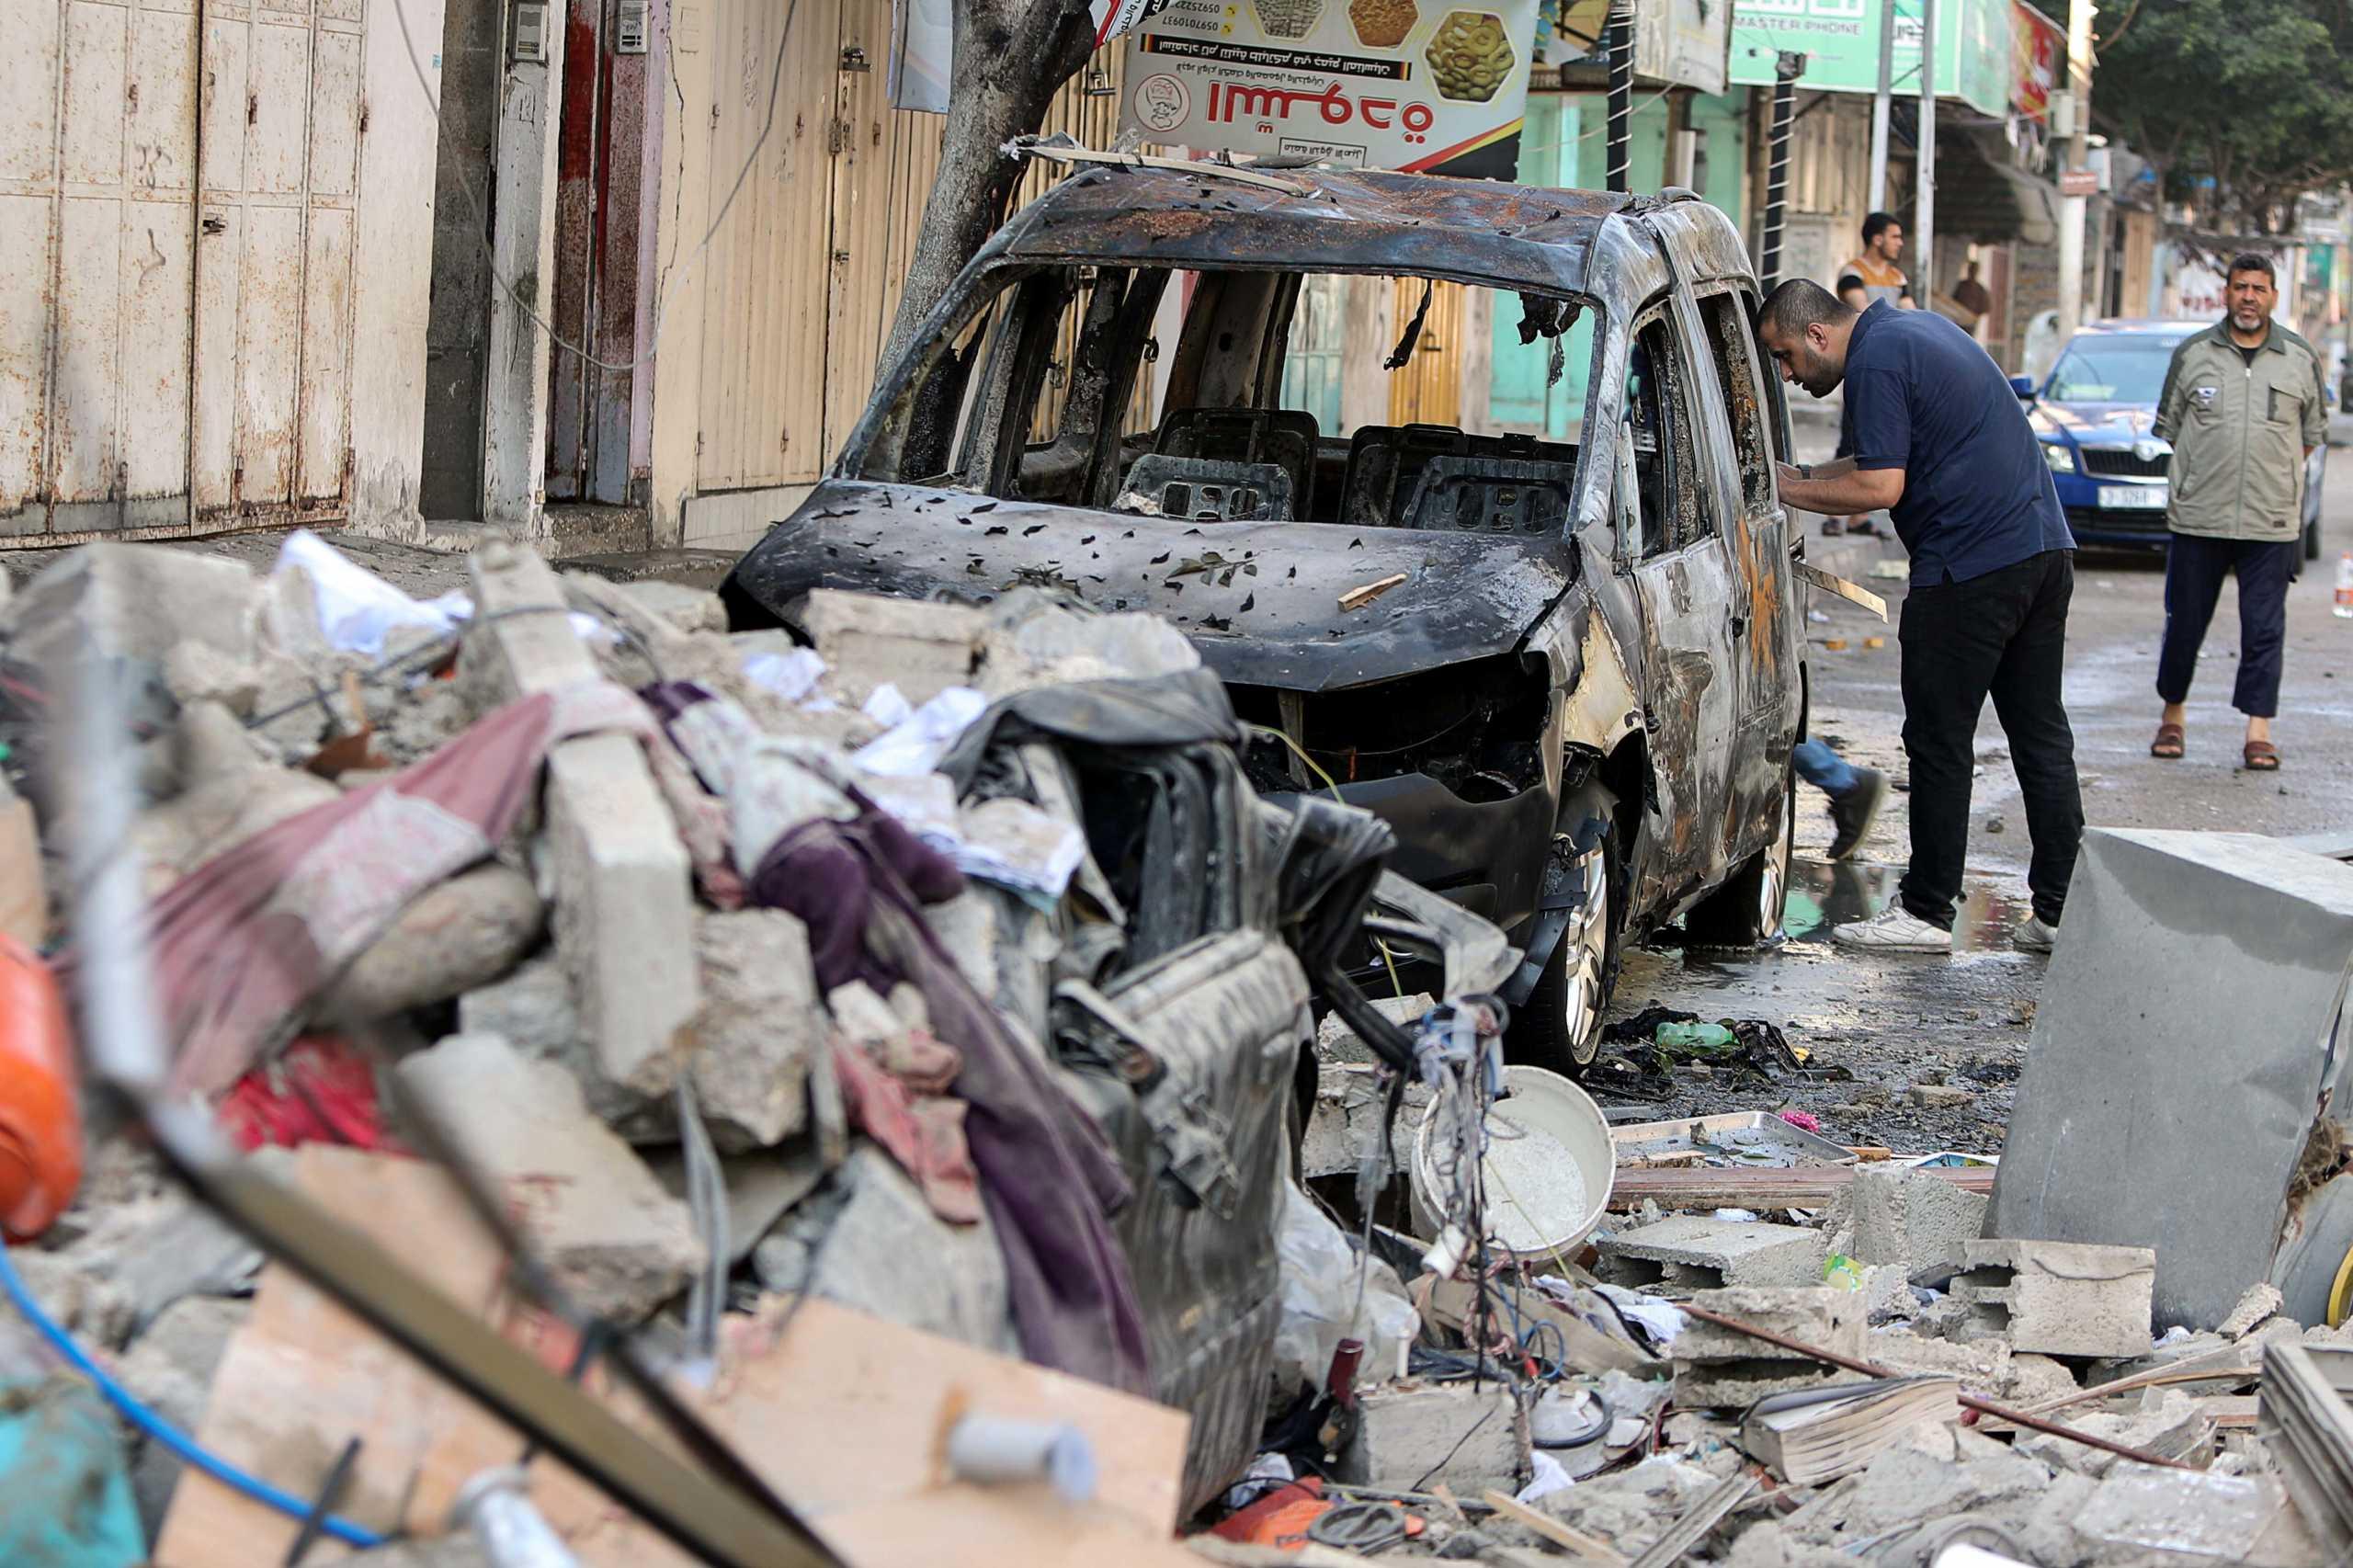 Λωρίδα της Γάζας: Συνεχίζονται οι αεροπορικοί βομβαρδισμοί – Σχέδιο απόφασης της Γαλλίας στον ΟΗΕ